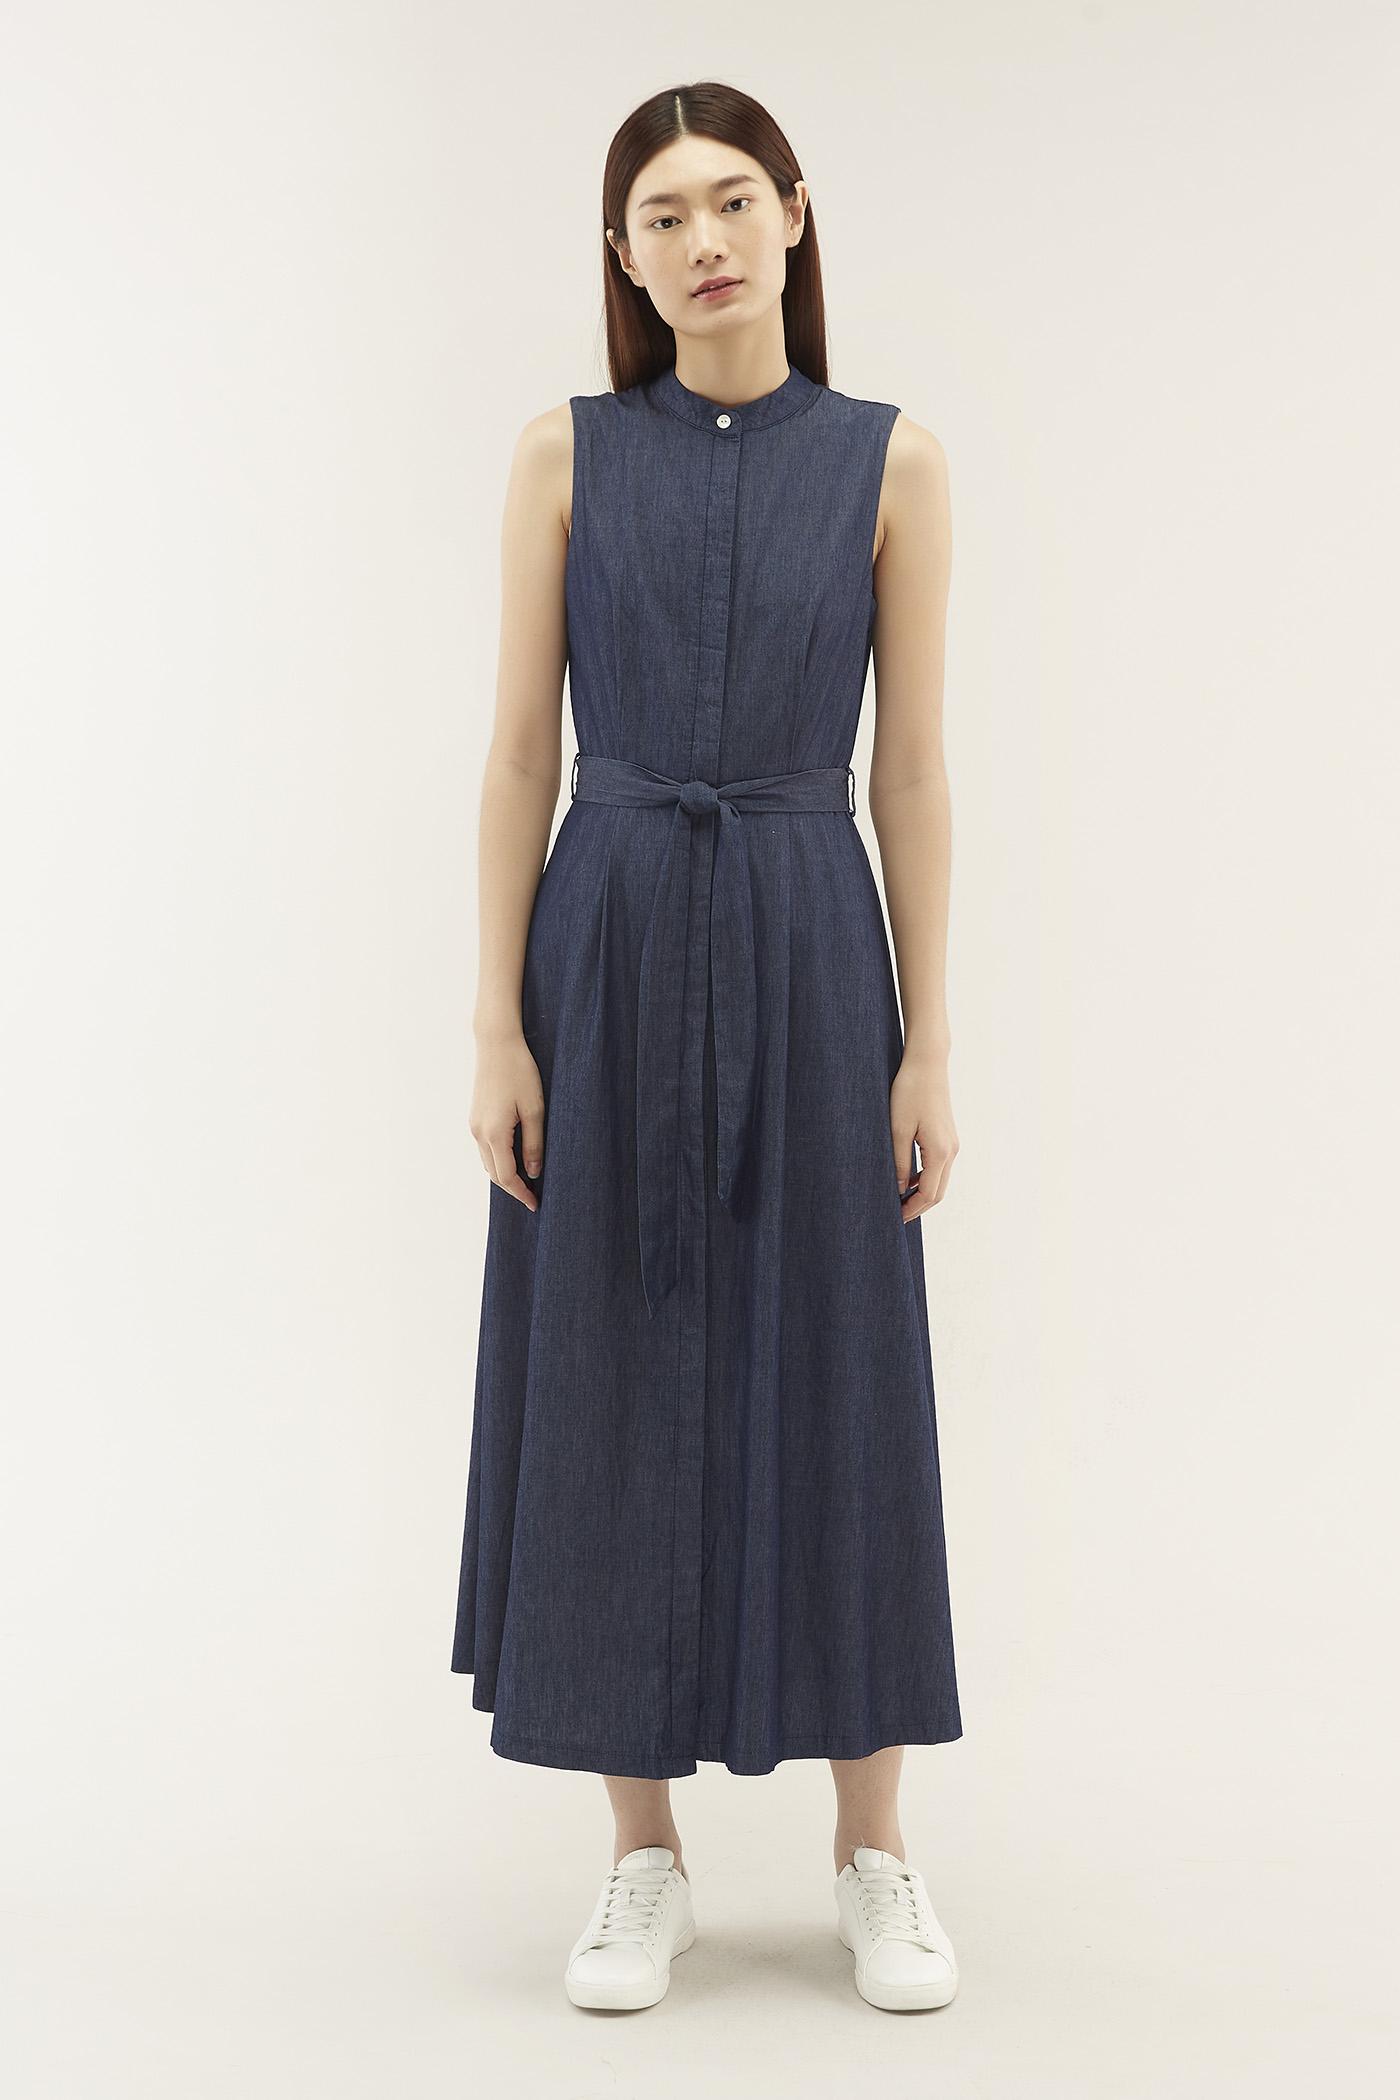 Liesha Stand-collar Dress